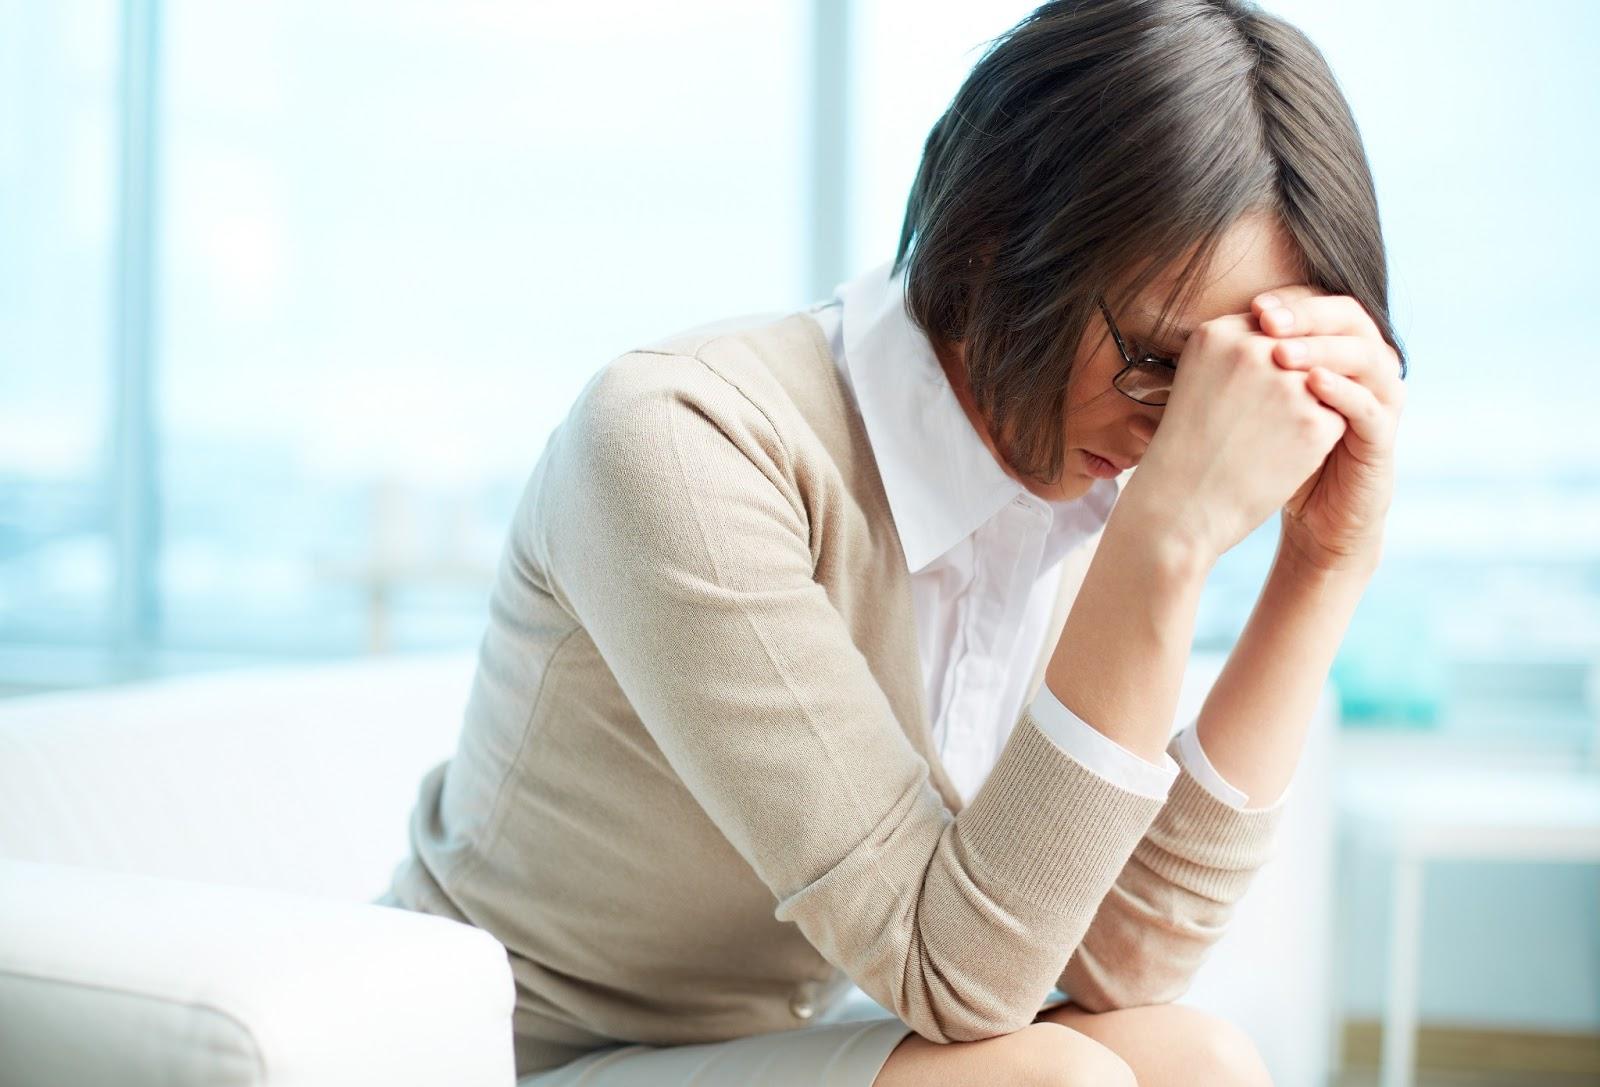 Как пережить кризис среднего возраста: советы мужчинам и женщинам